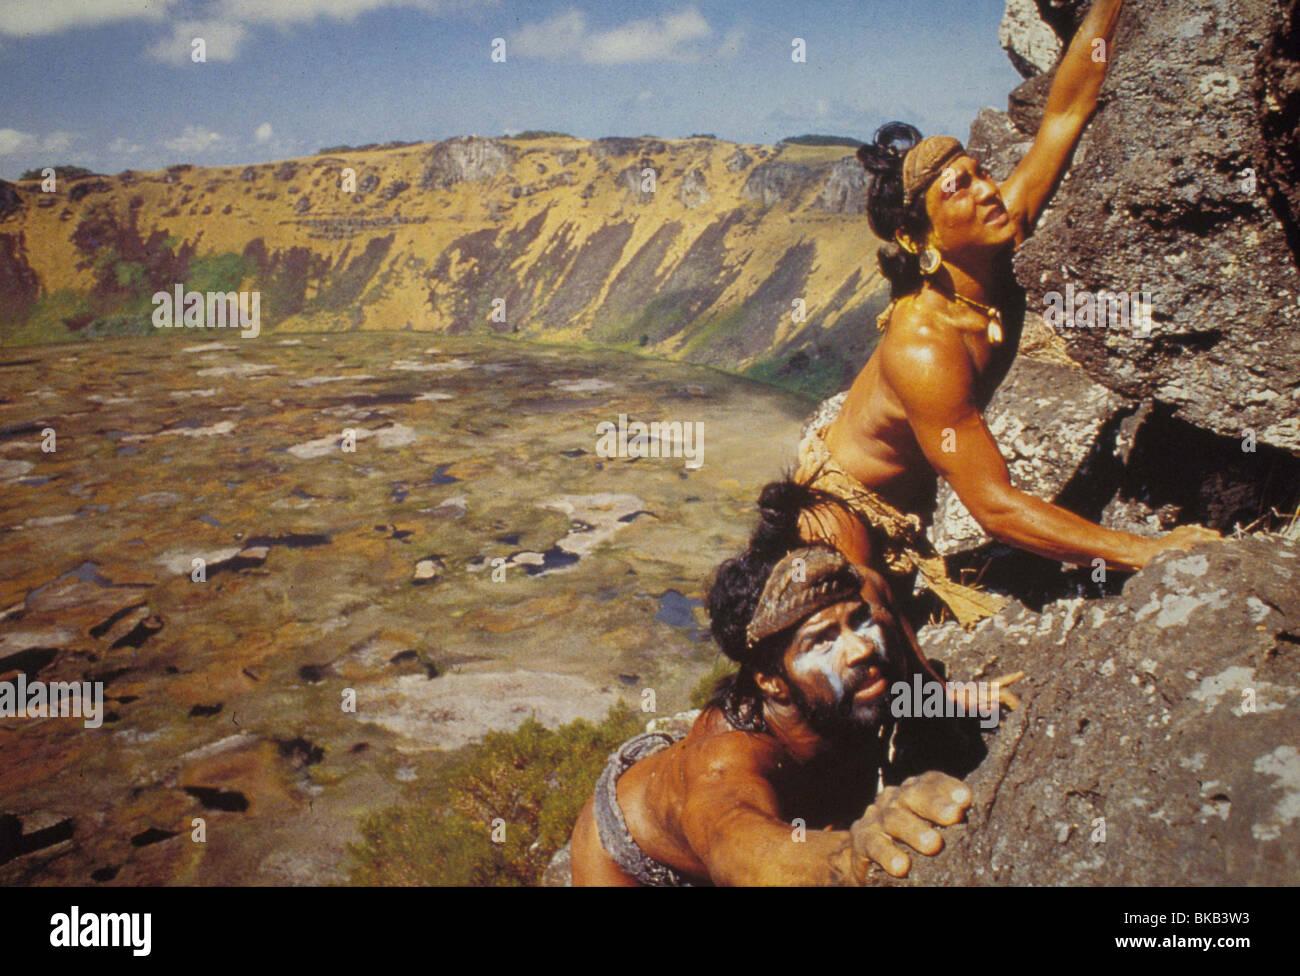 RAPA NUI -1995 - Stock Image